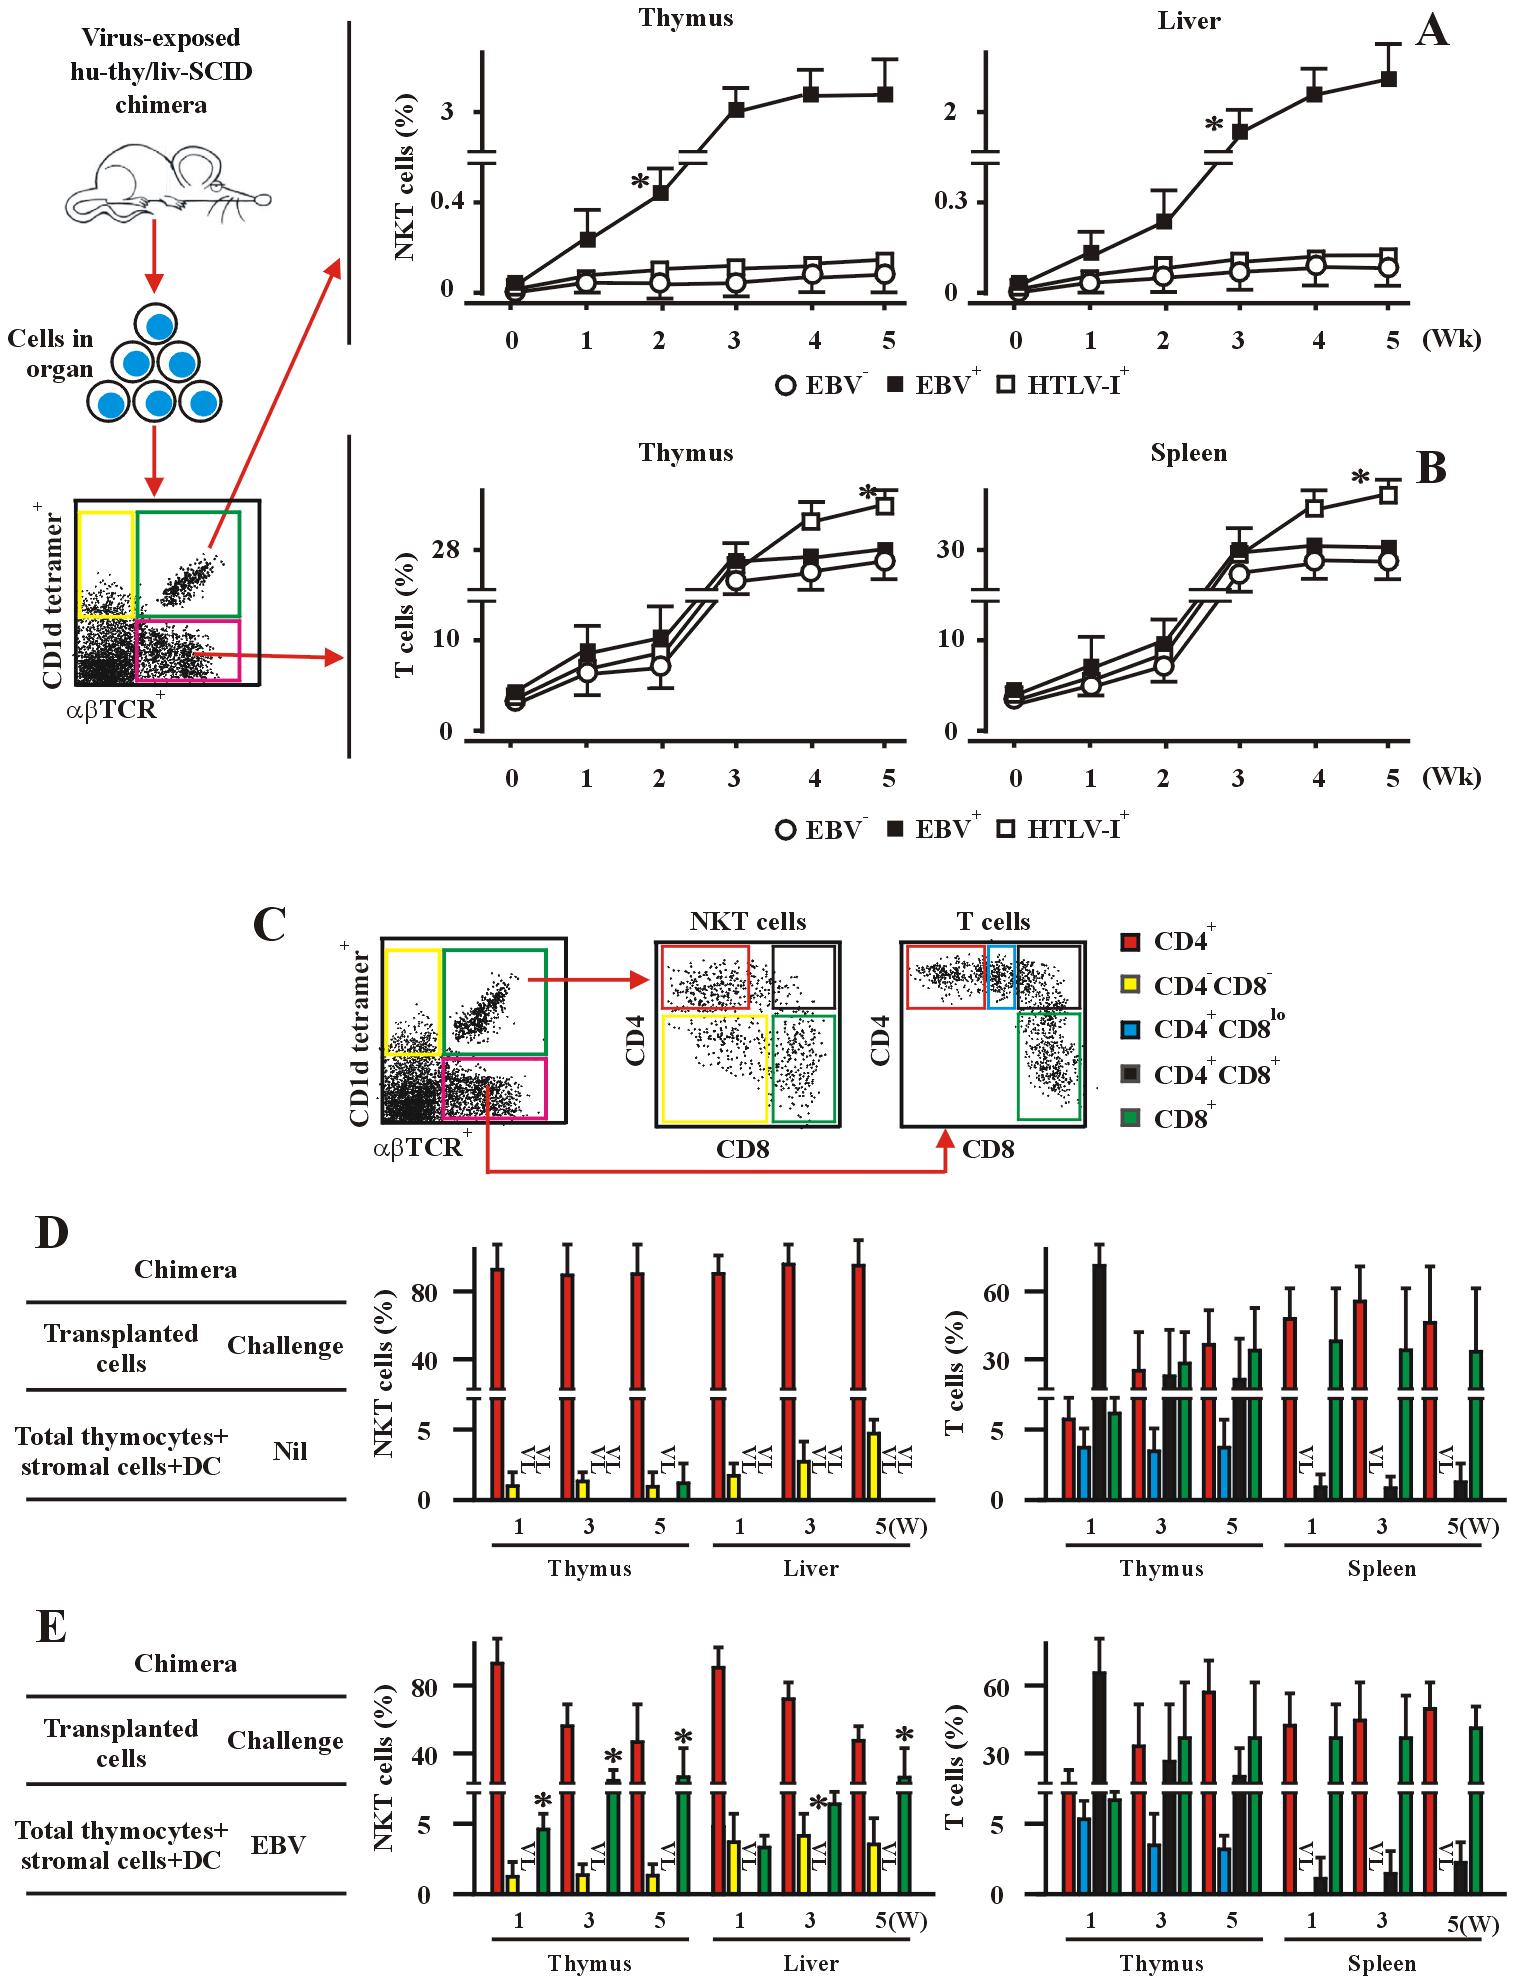 EBV promotes CD8<sup>+</sup> NKT cell development <i>in vivo</i> in hu-thy/liv-SCID chimeric mice.